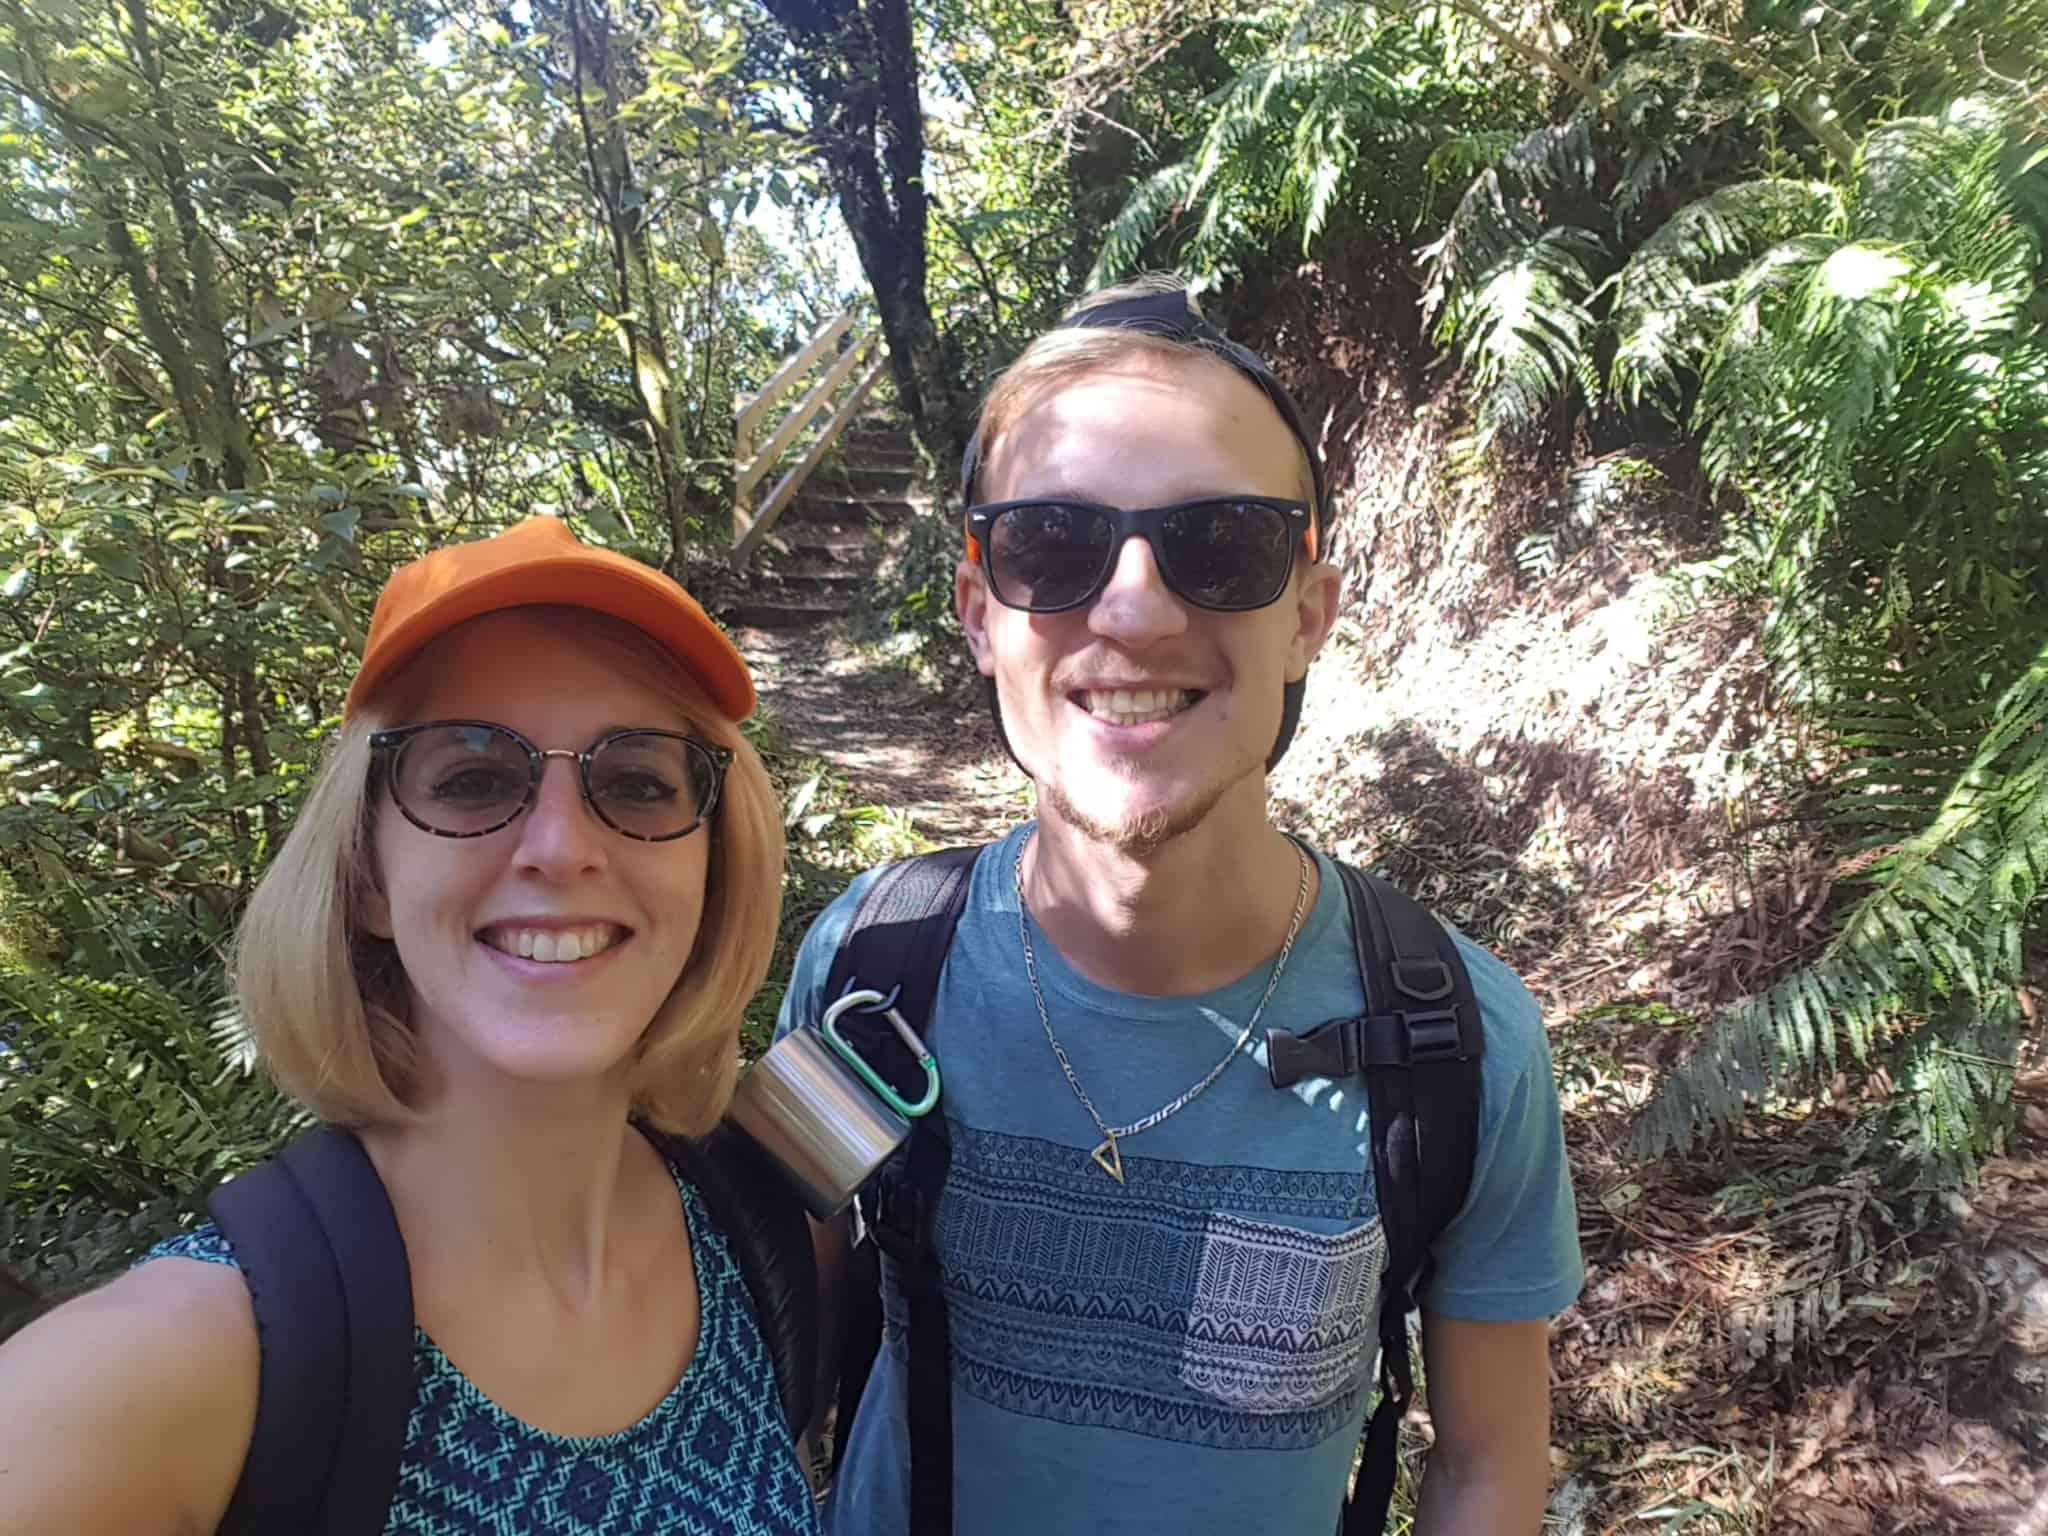 Nouvelle-Zélande, quand ta randonnée se transforme en chasse au trésor dans la jungle 🕵️♂️ 1